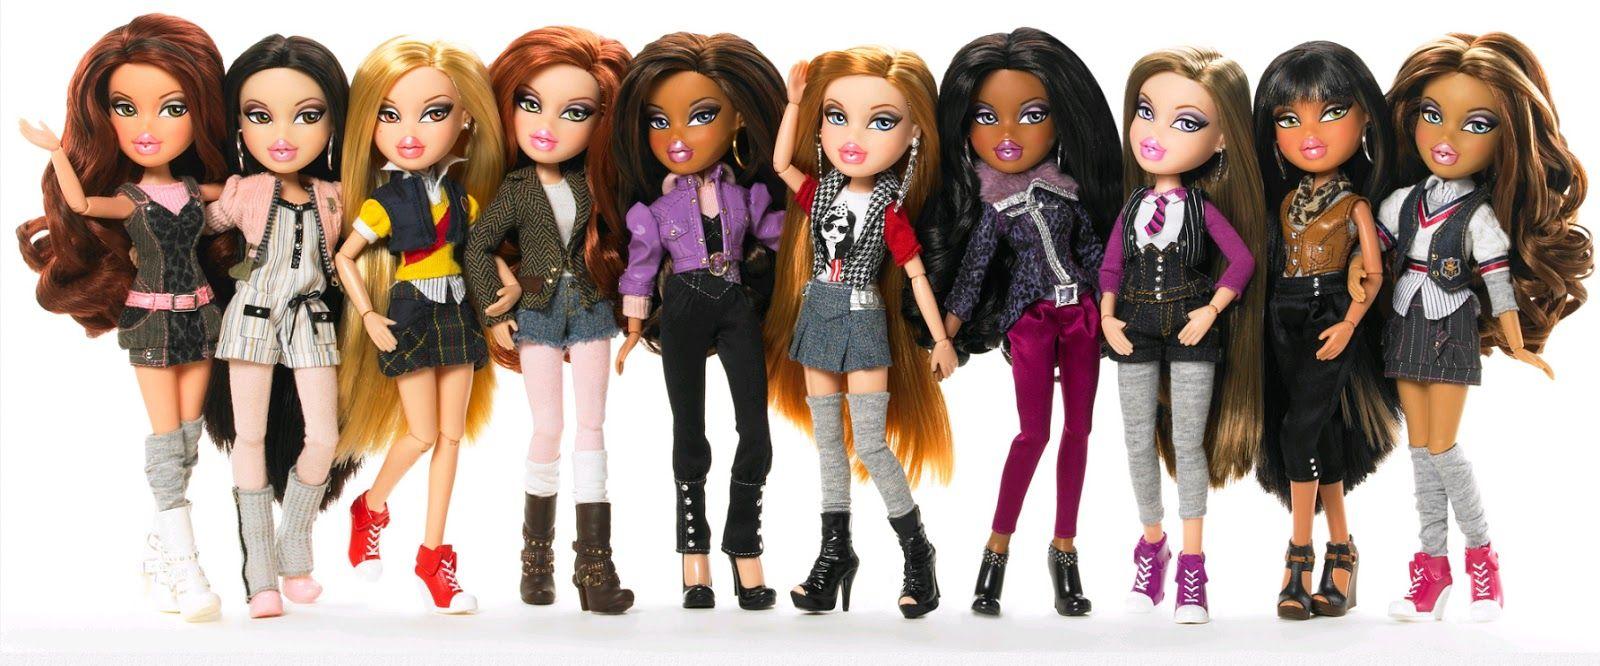 Monkfish S Dolly Ramble Bratz Music Festival Vibes Sasha Bratz Doll Bratz Characters Bratz Doll Outfits